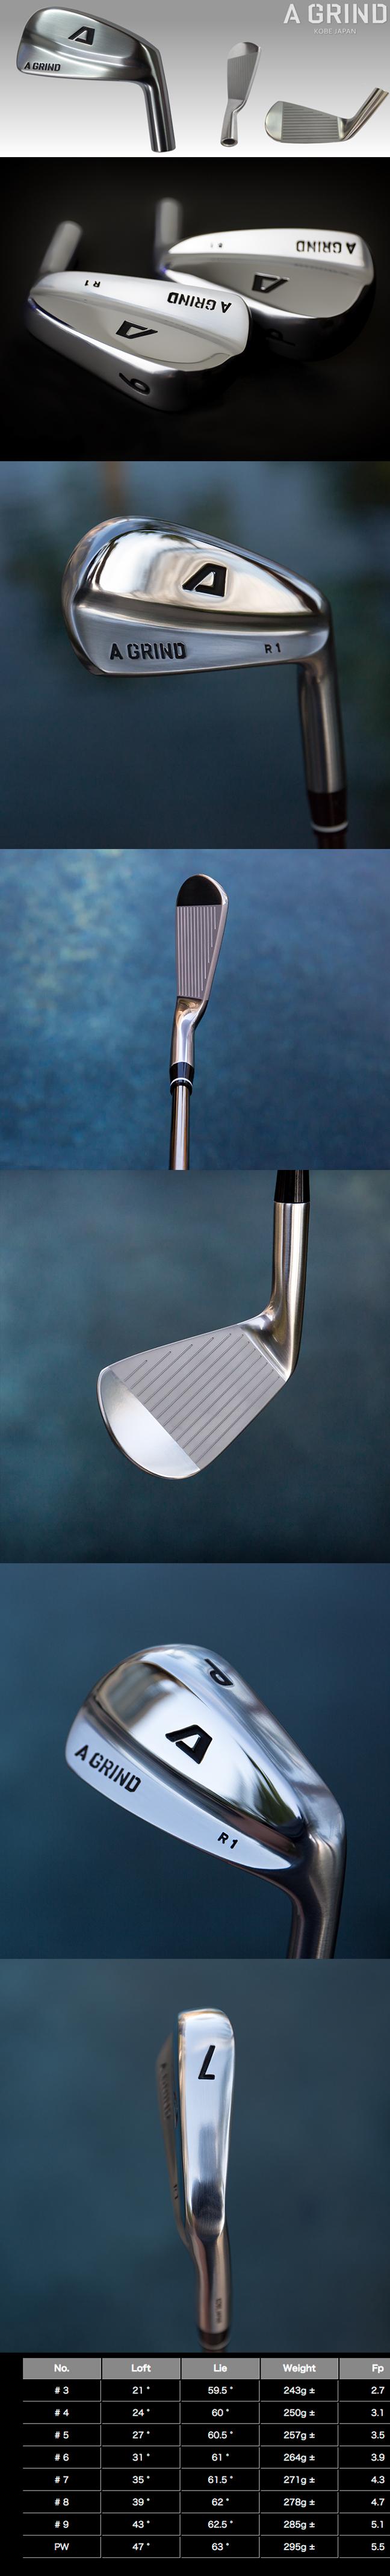 A-Grind Golf Blade Irons